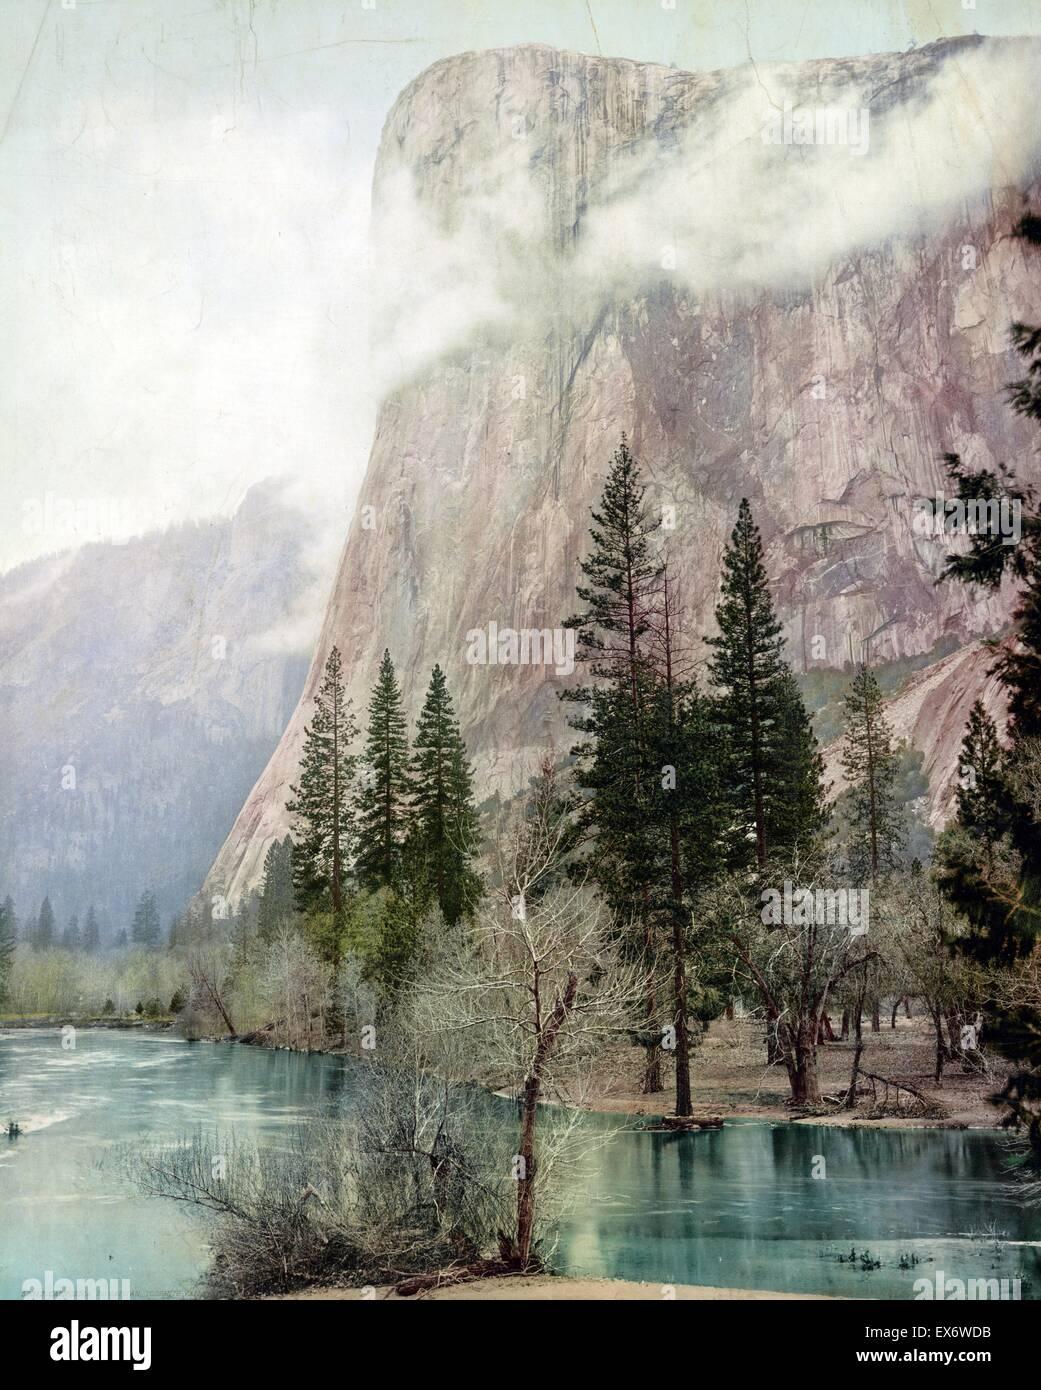 Impresión fotomecánica del valle de Yosemite, El Capitán, California. Fotografiado por William Henry Imagen De Stock